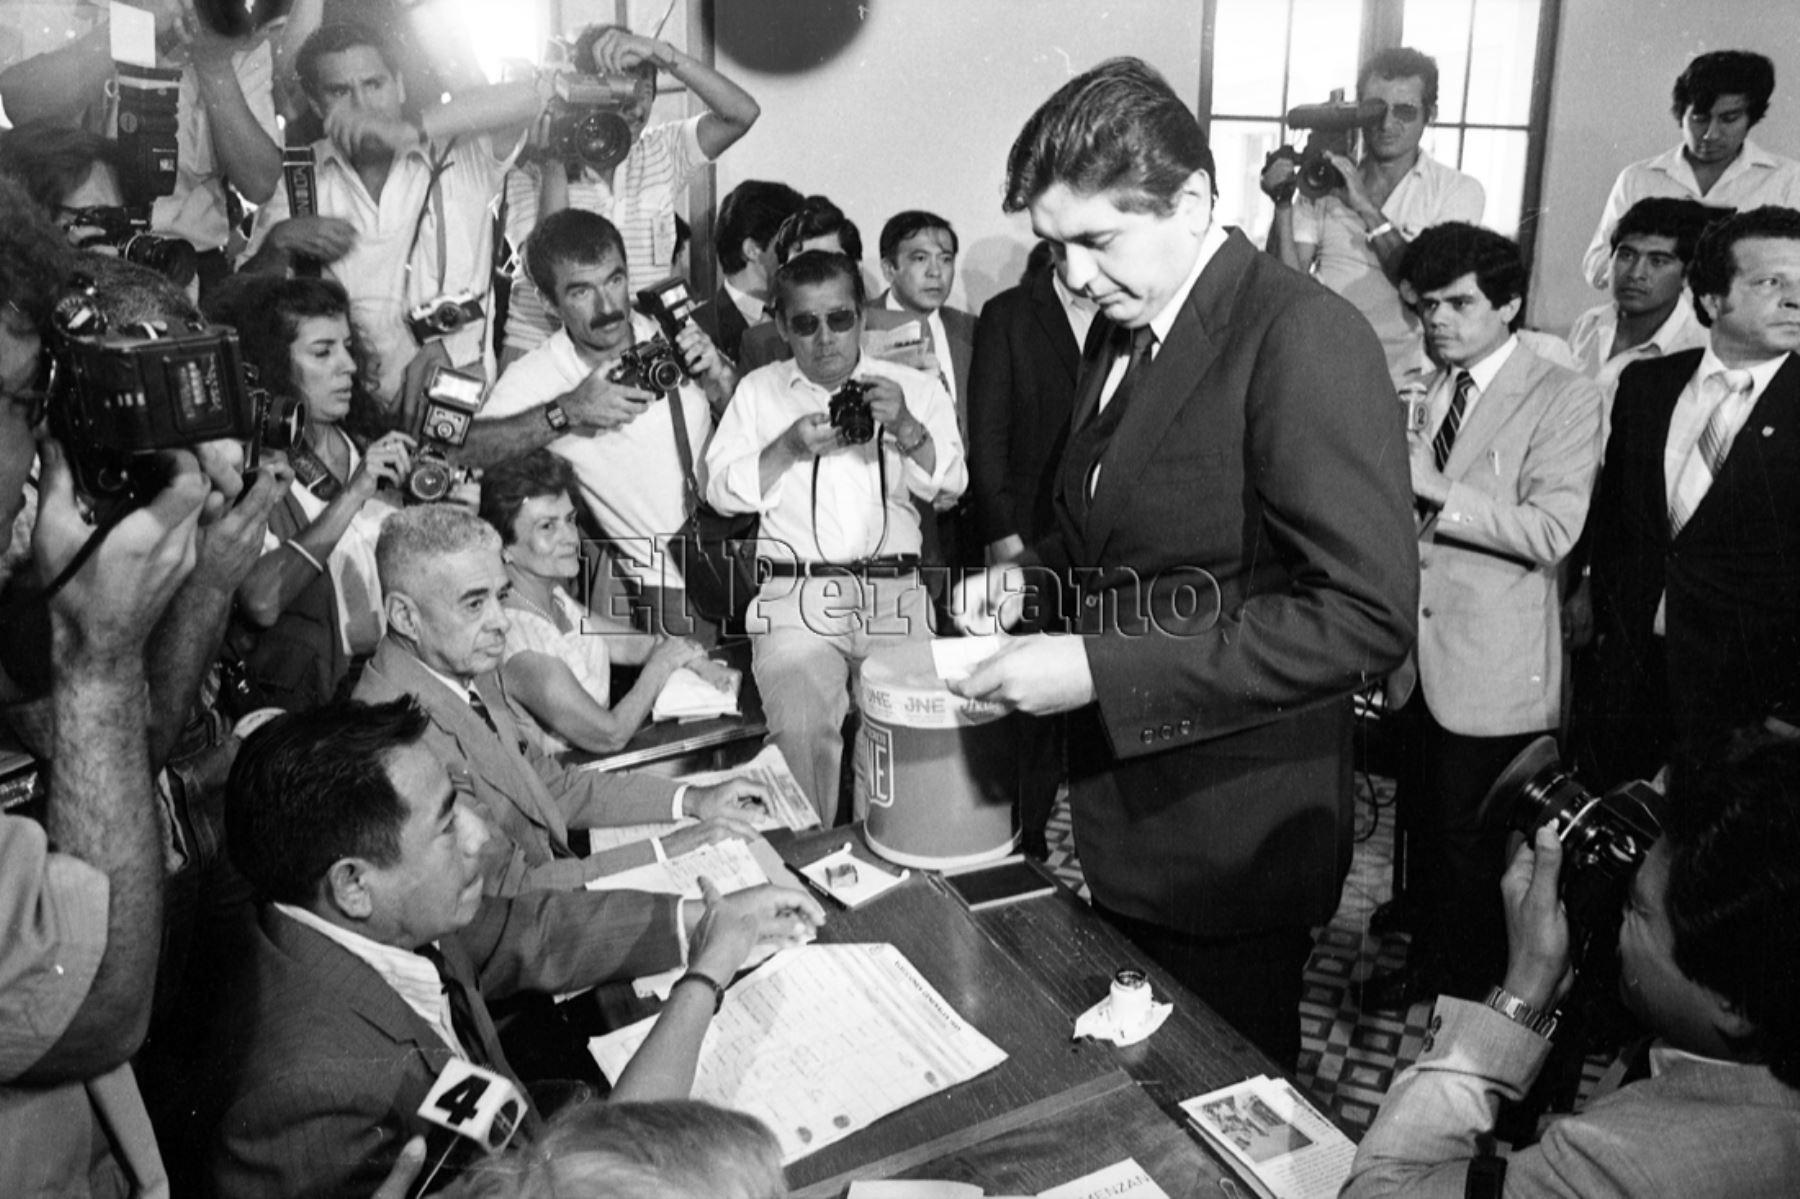 Lima - 14 abril 1985 . El candidato presidencial del Partido Aprista Peruano, Alan García Pérez, emite su voto en el marco de las elecciones generales de 1985.Foto: ANDINA/archivo Diario El Peruano